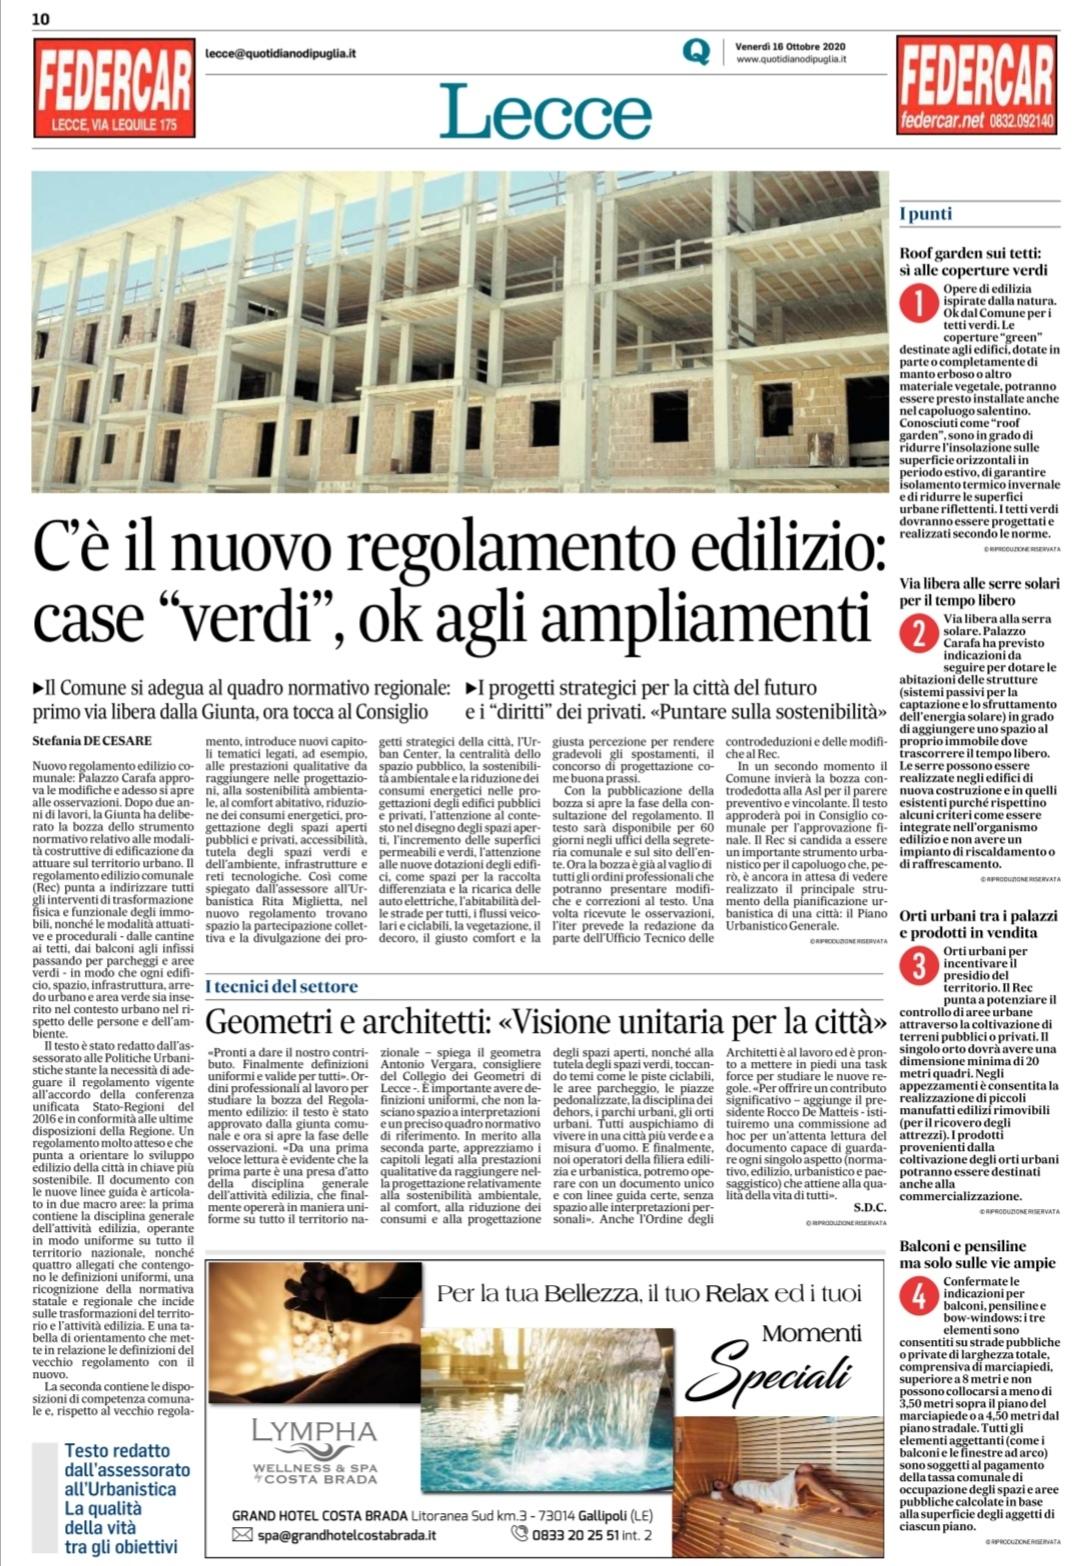 Comunicato Stampa – Lecce, c'è il nuovo regolamento edilizio comunale all'insegna della sostenibilità. Primo via libera dalla Giunta, ora tocca al Consiglio